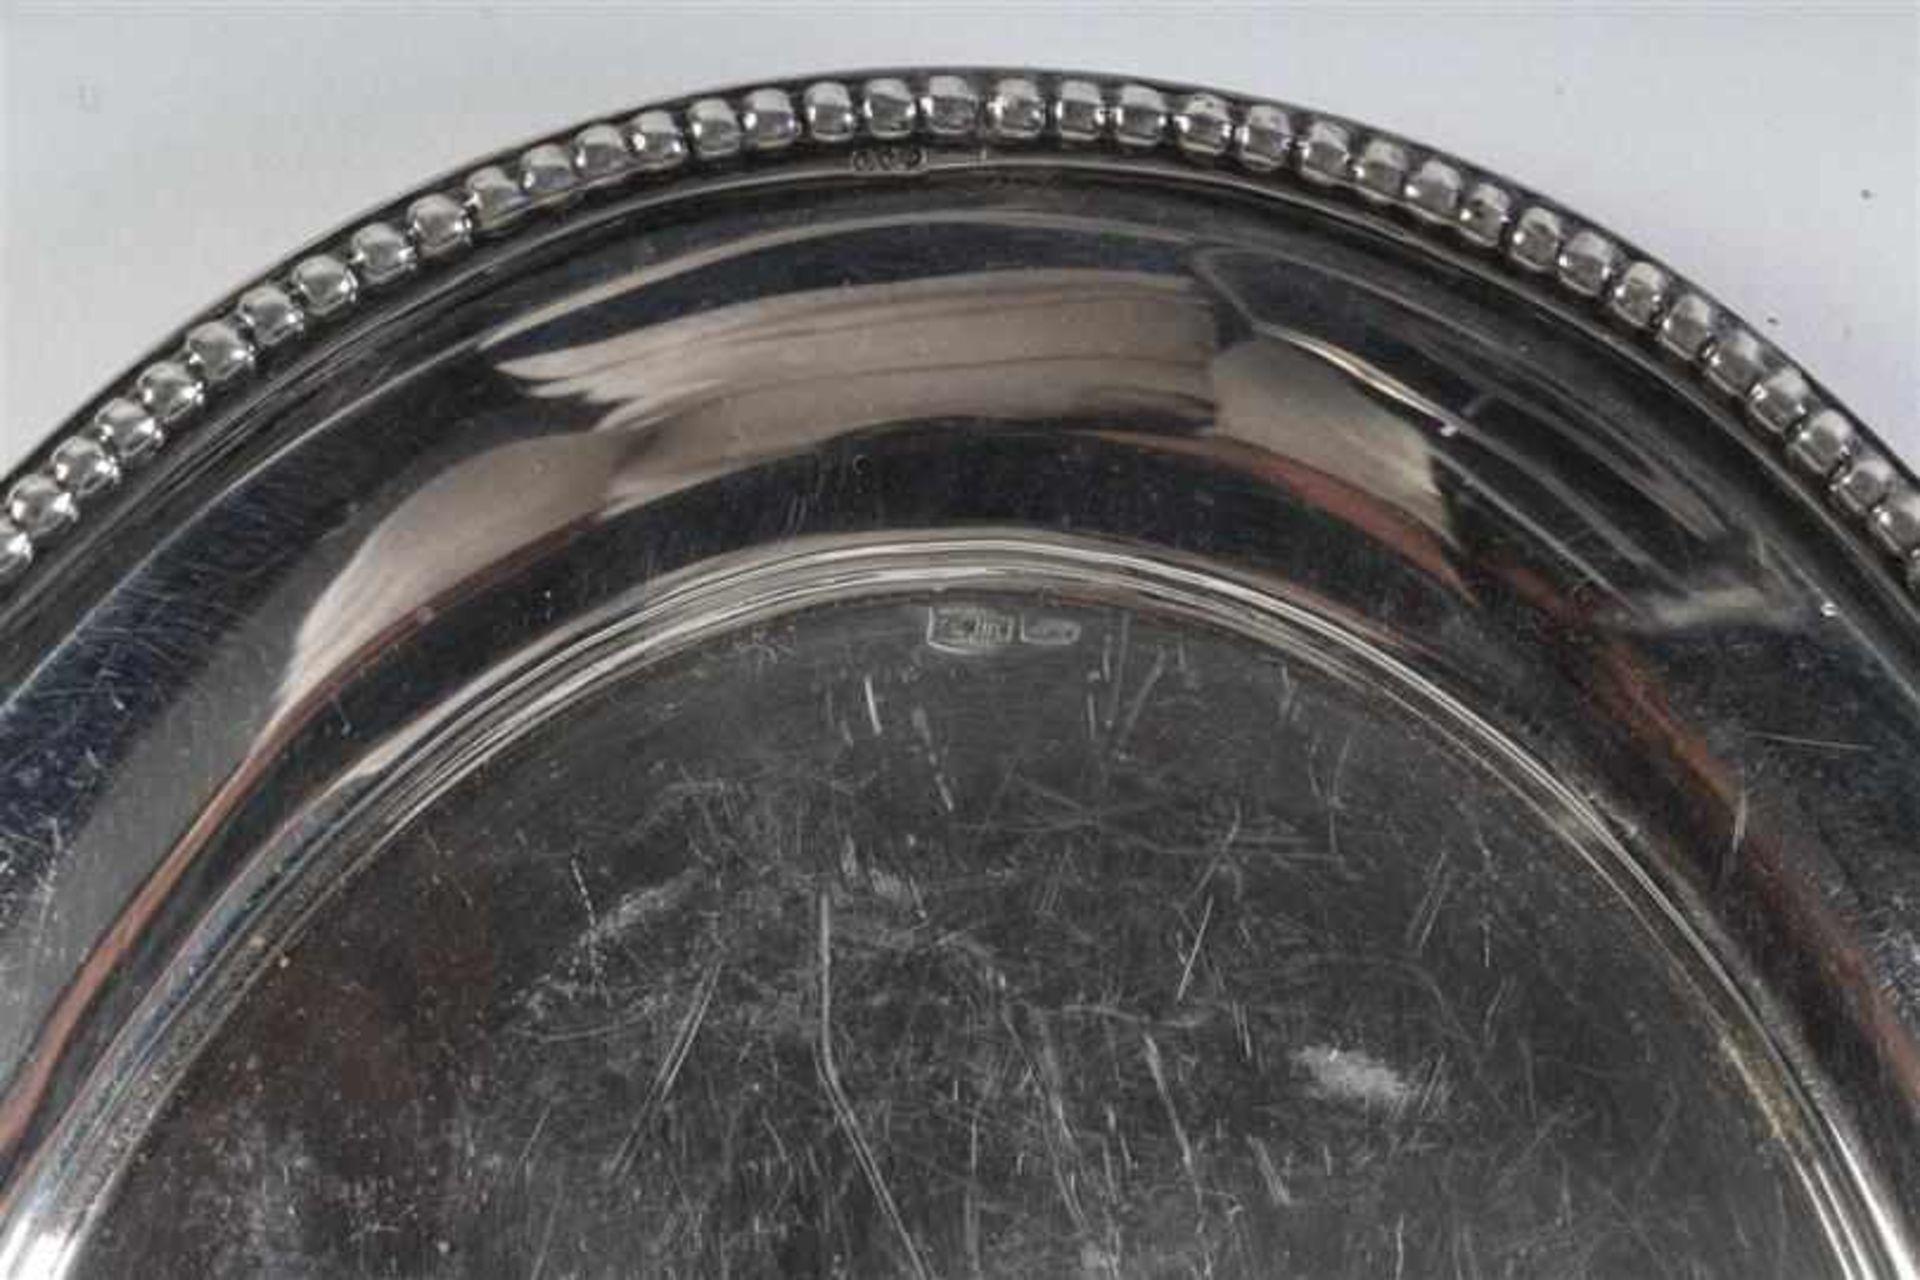 Driedelig zilveren roomsetje met parelrand. L: 18.5 cm. Gewicht: 293 g. - Bild 5 aus 5